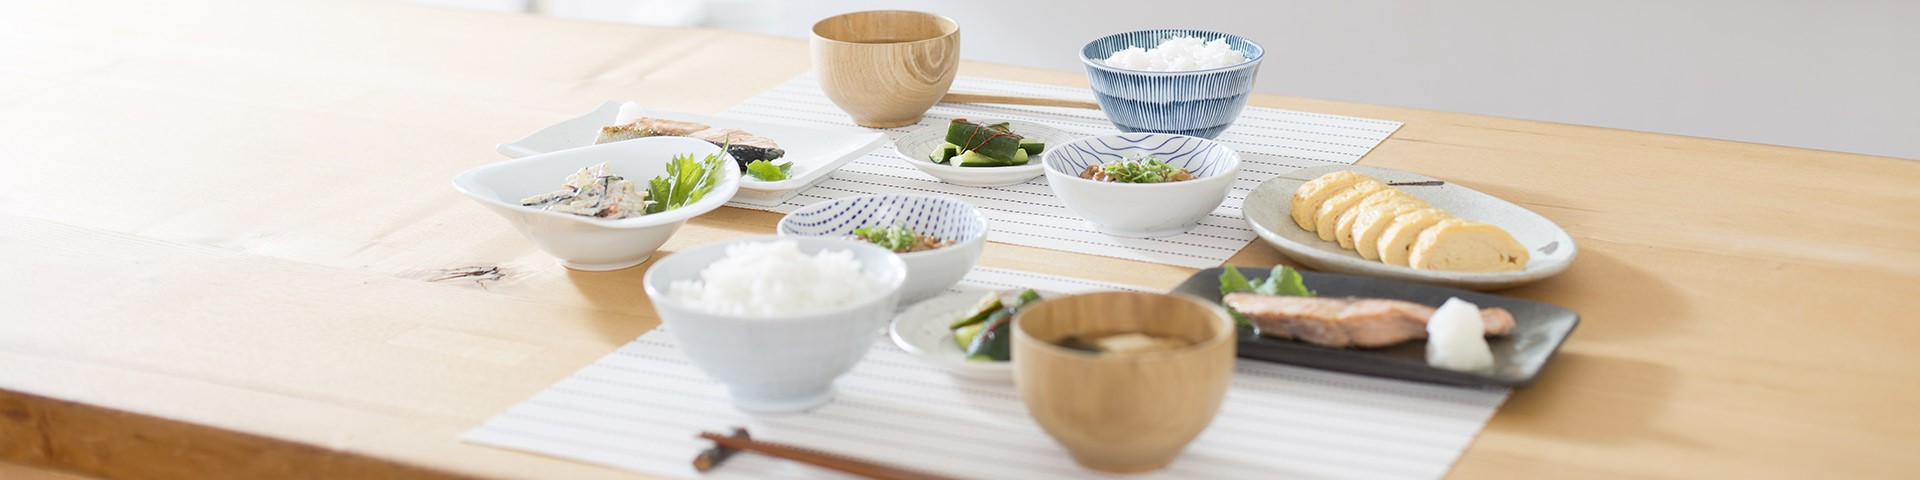 日本の雑貨 | モダン デザイン | テーブル装飾